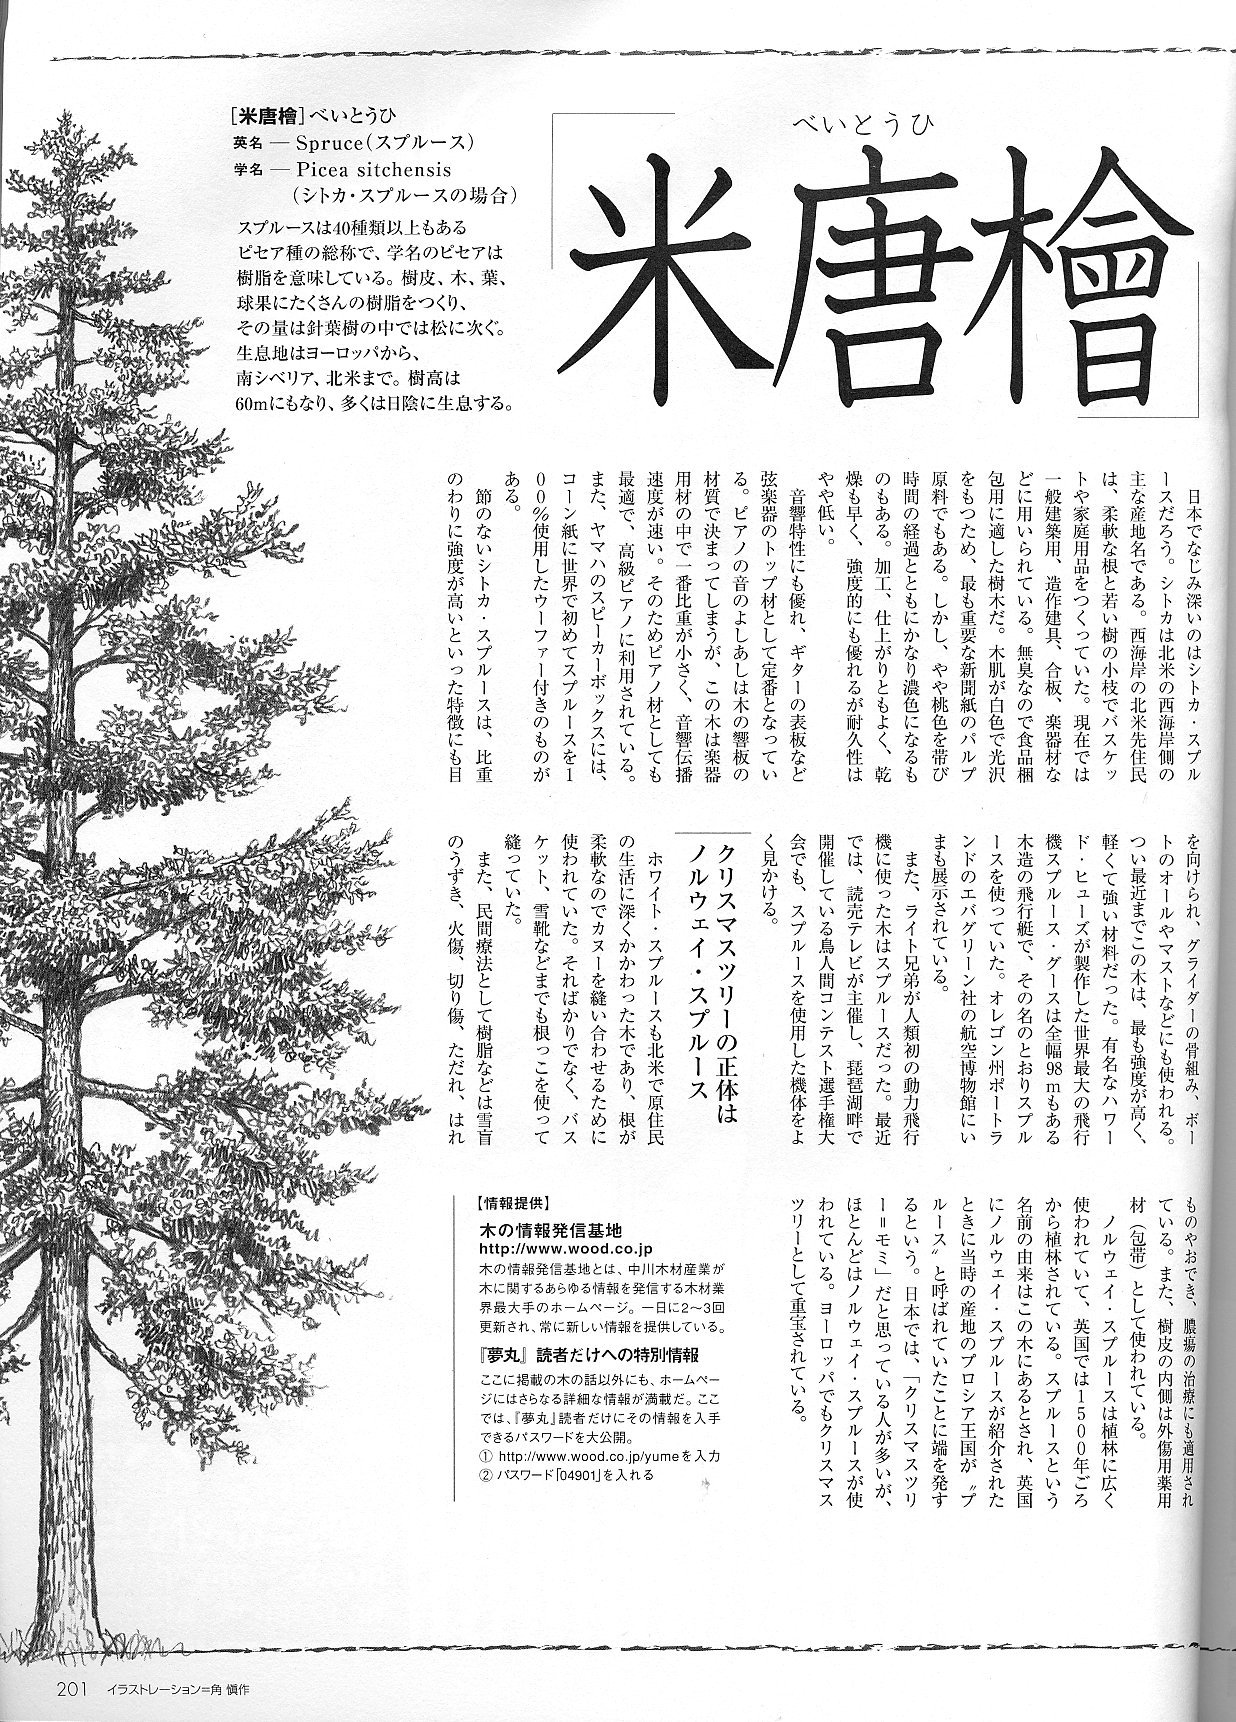 夢丸レットシダー/ベイスギ